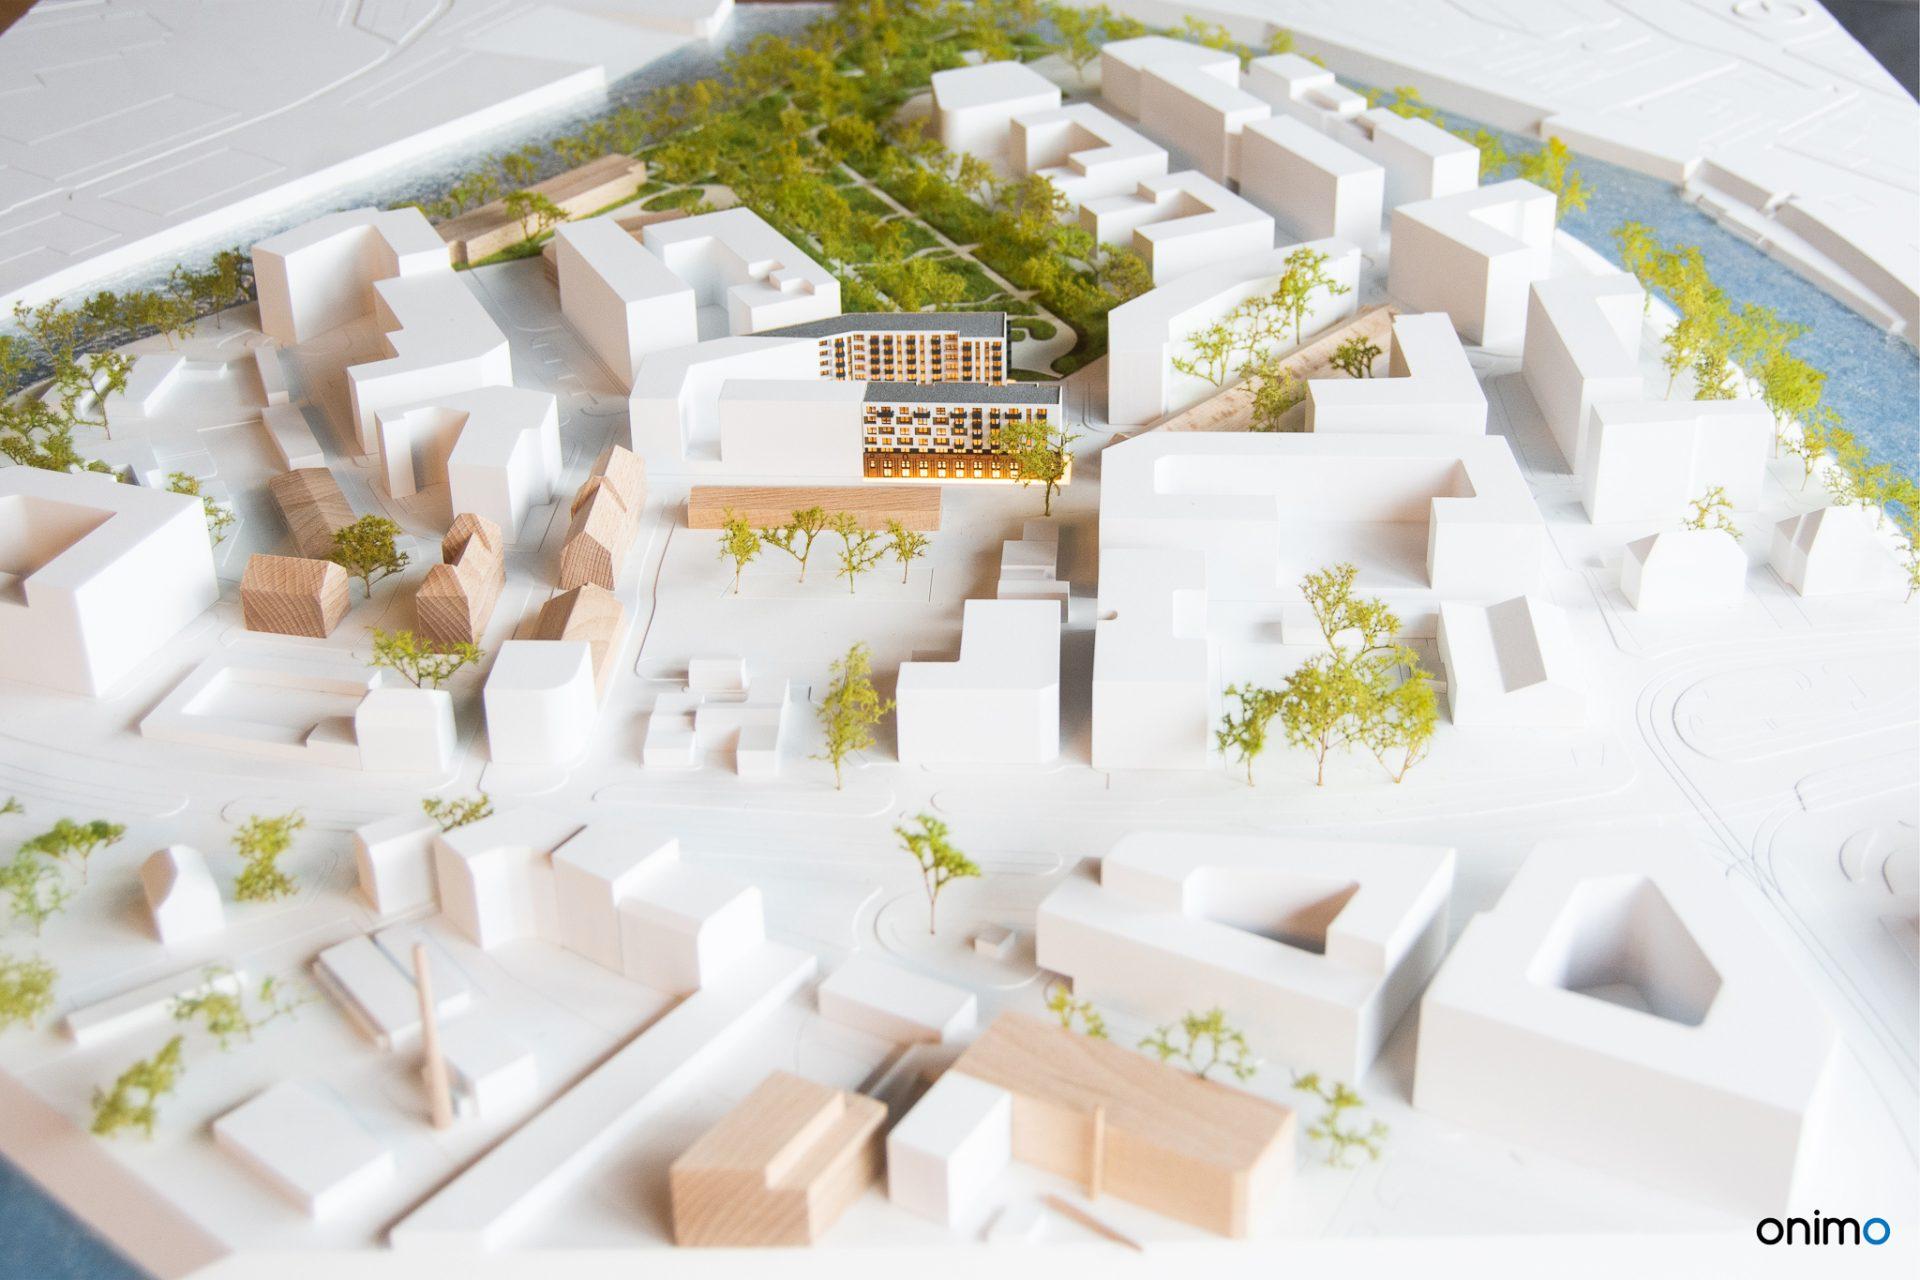 ATMO Kępa Mieszczańska | Eiffage | ONIMO Makiety Architektoniczne